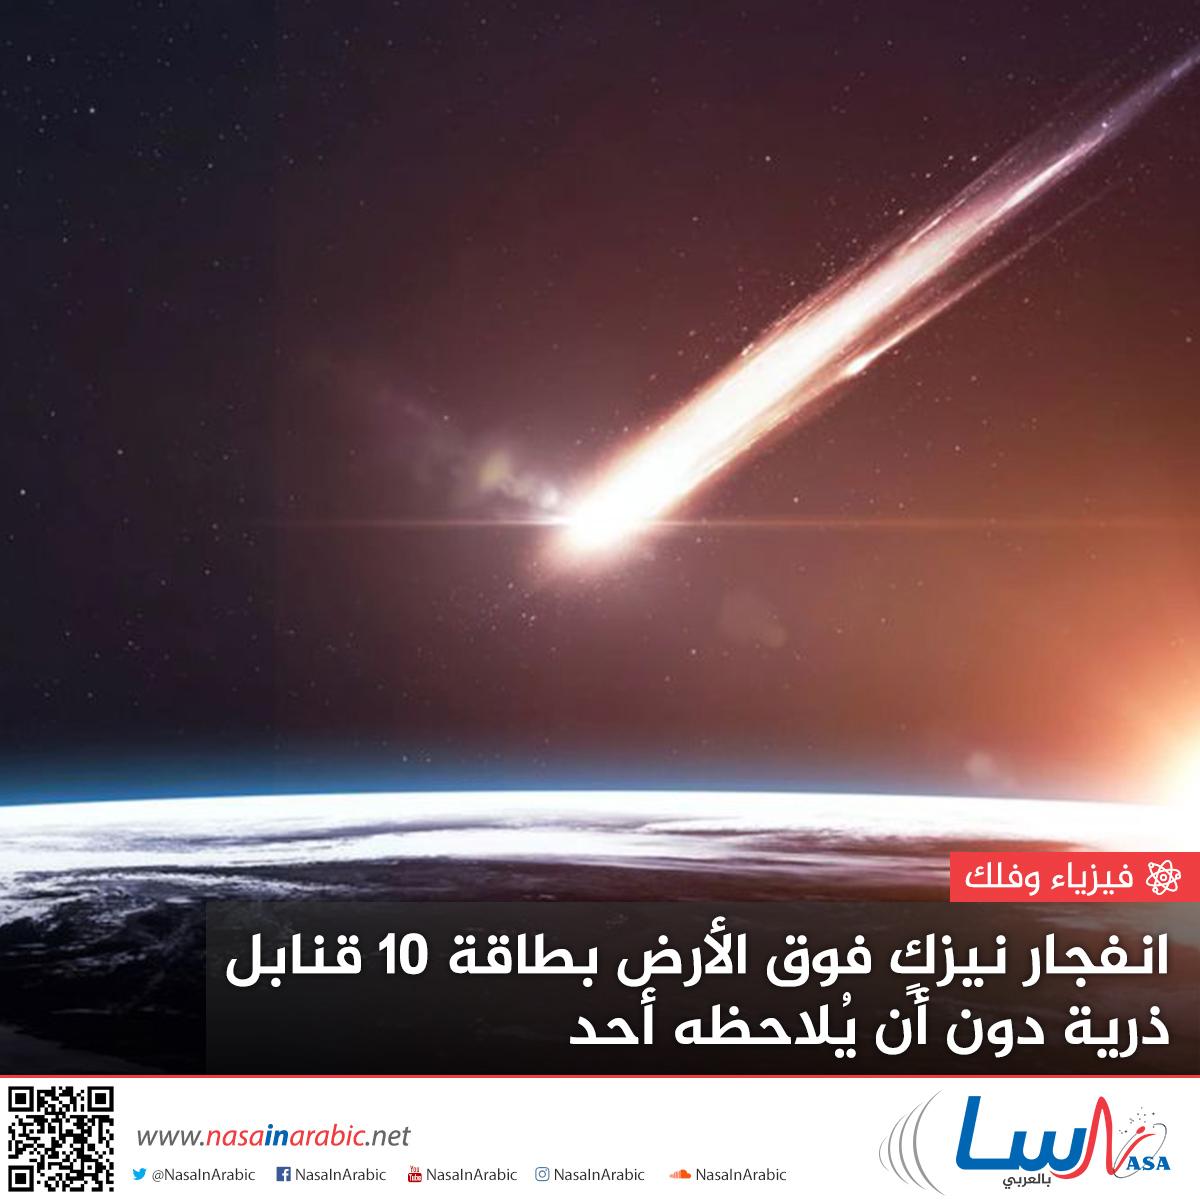 انفجار نيزكٍ فوق الأرض بطاقة 10 قنابل ذرية دون أن يُلاحظه أحد